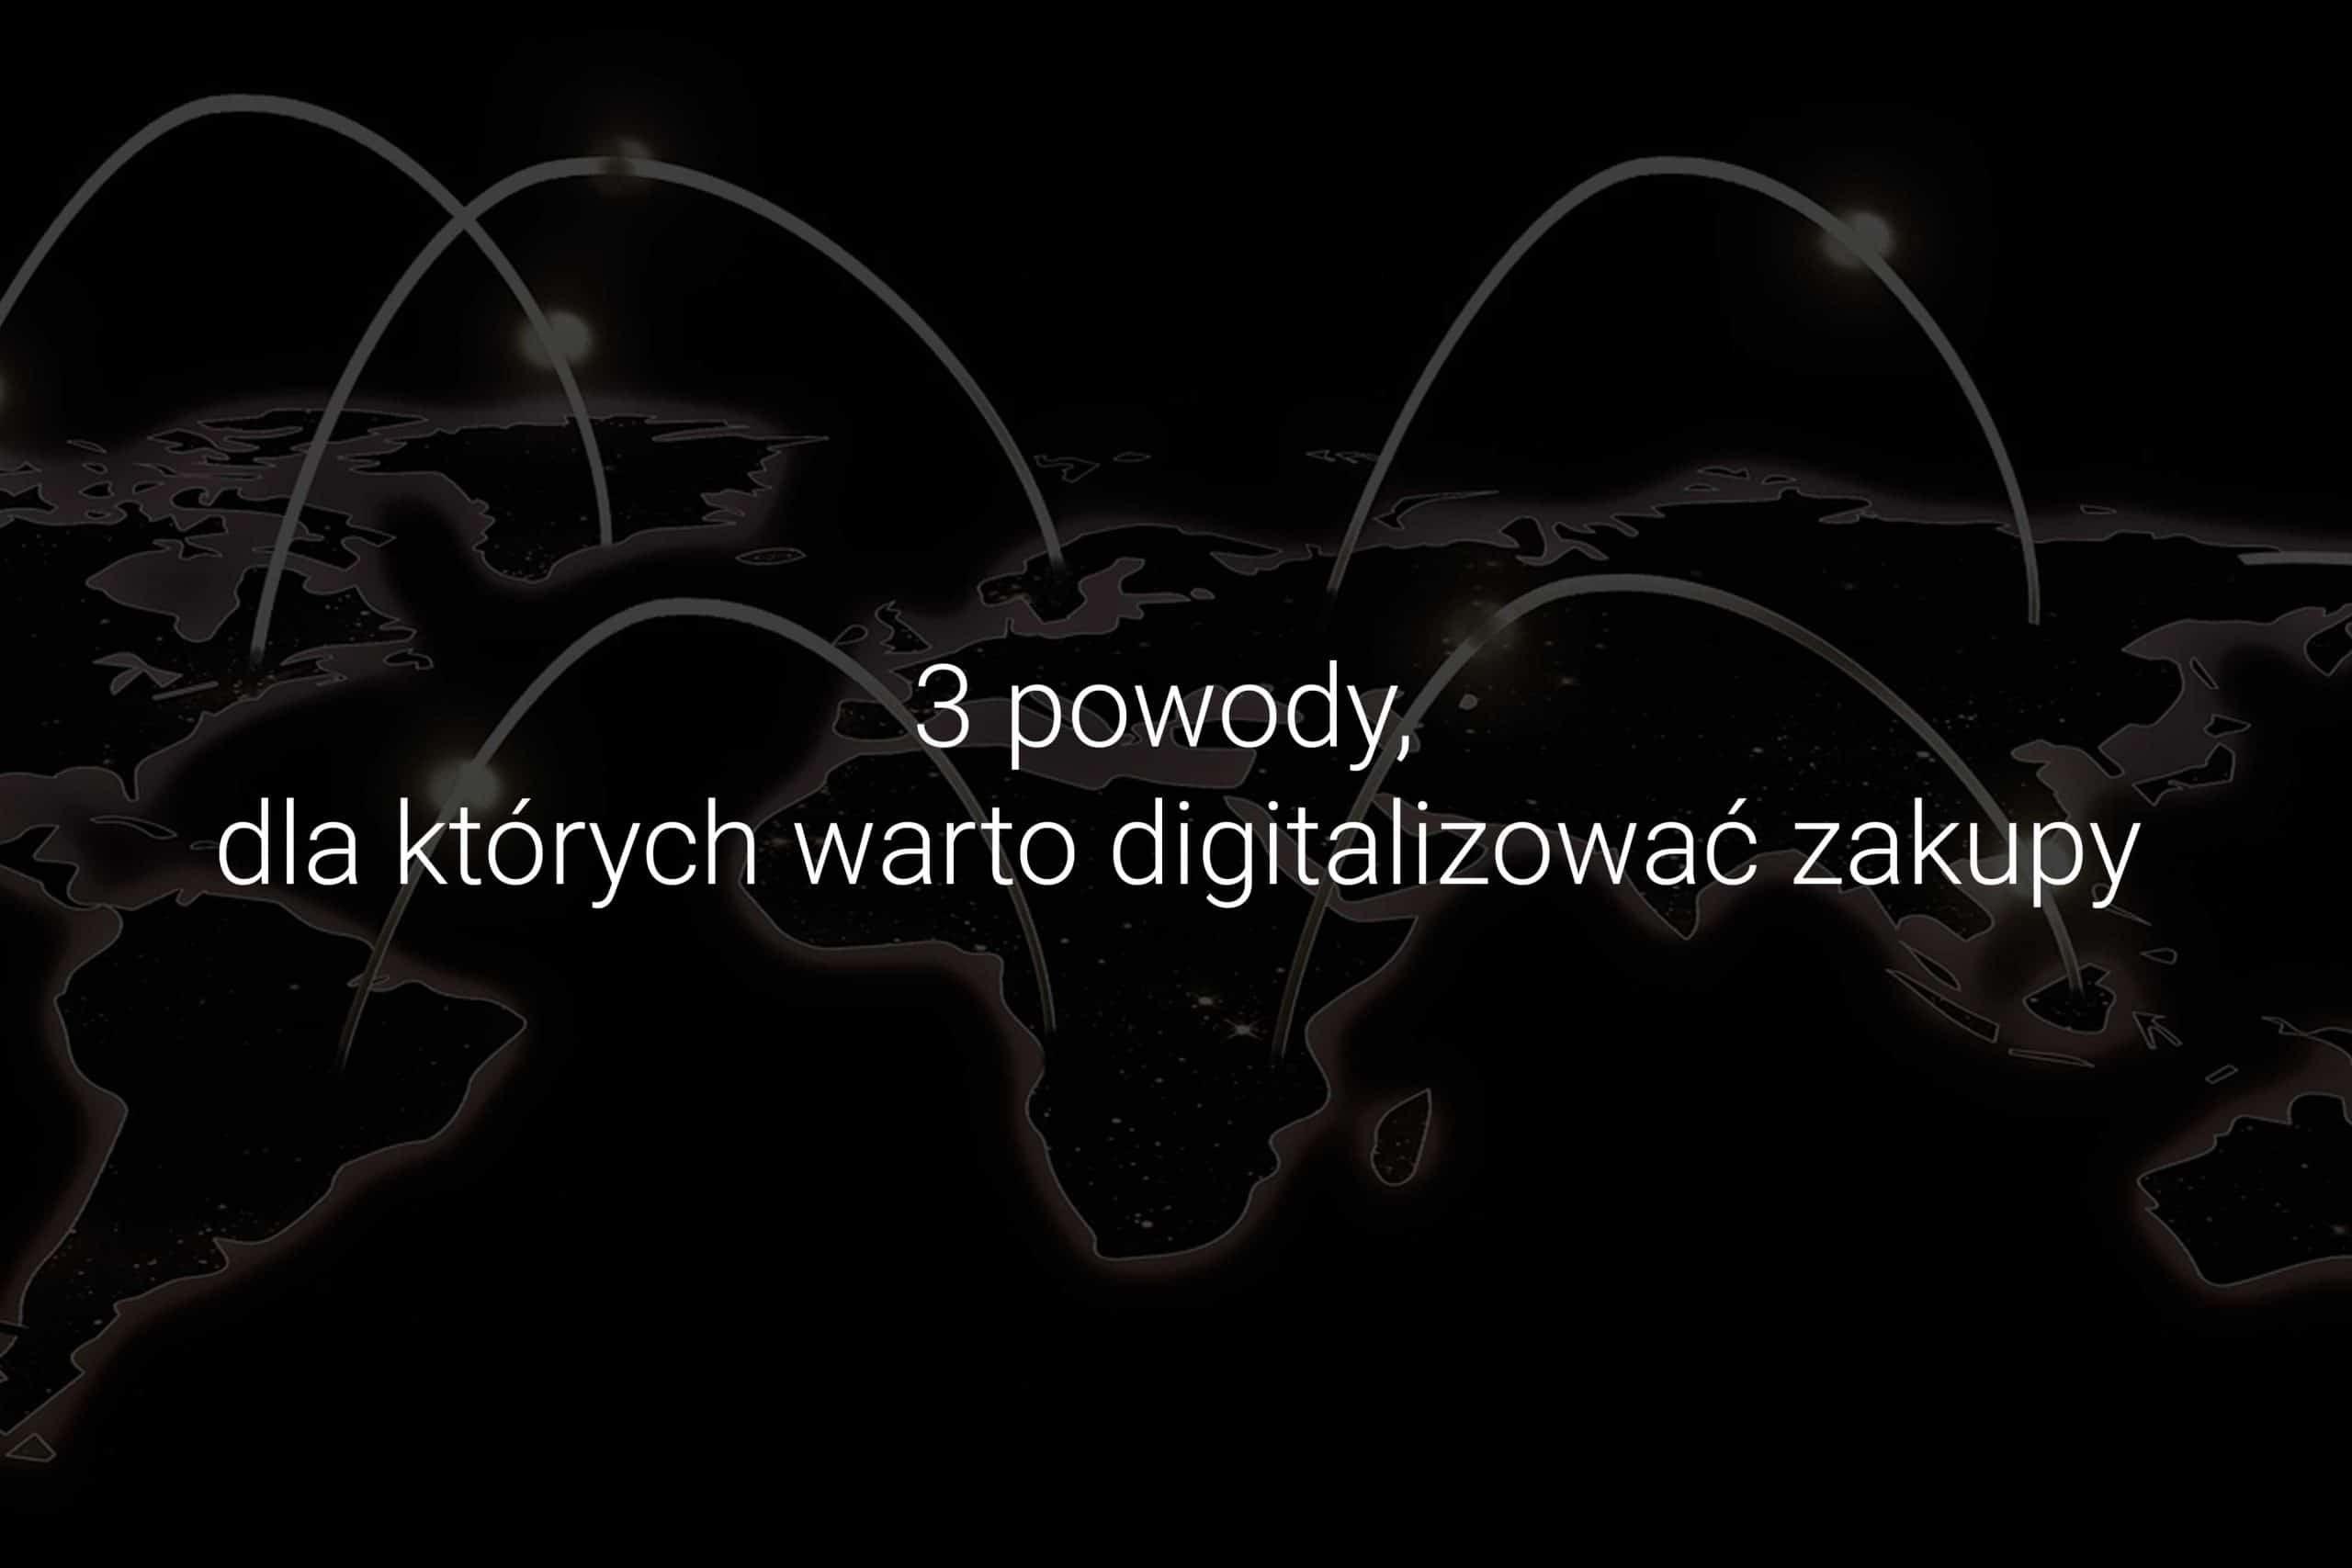 Digitalizacja procesów zakupowych - 3 powody, dla których warto digitalizować zakupy - 3 powody, dla których warto digitalizować zakupy - Eveneum